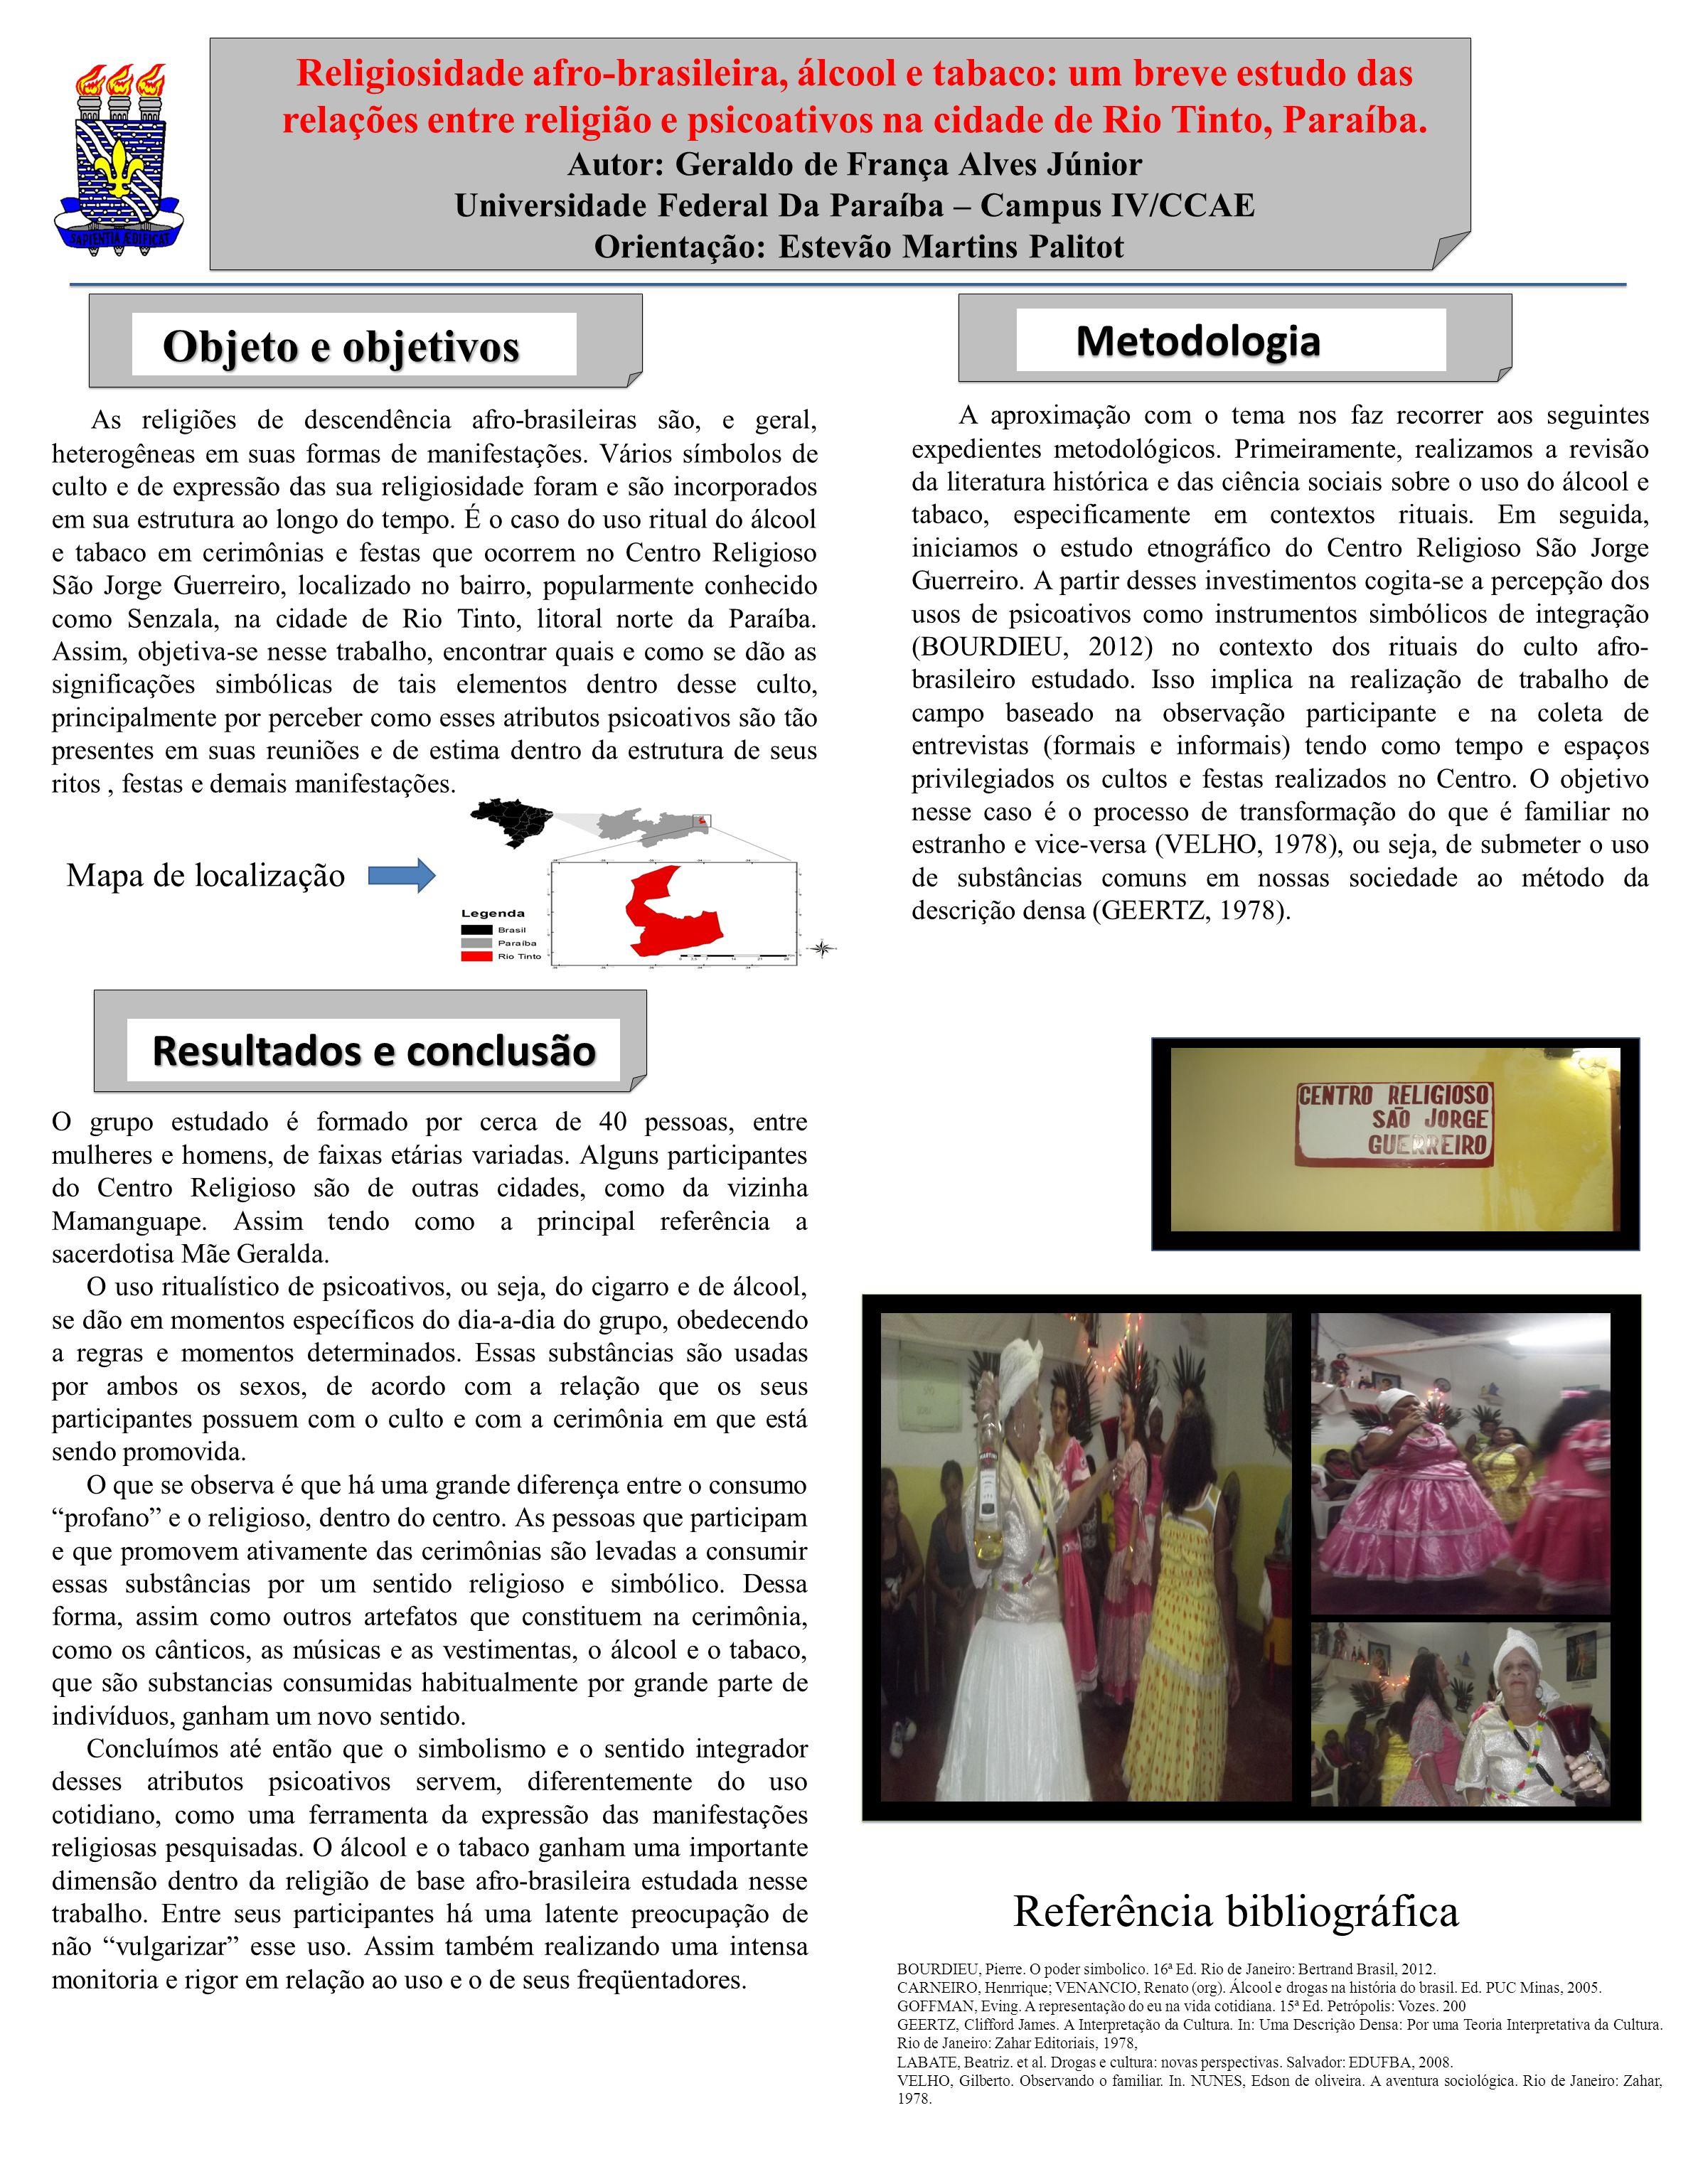 Objeto e objetivos Objeto e objetivos Metodologia Metodologia As religiões de descendência afro-brasileiras são, e geral, heterogêneas em suas formas